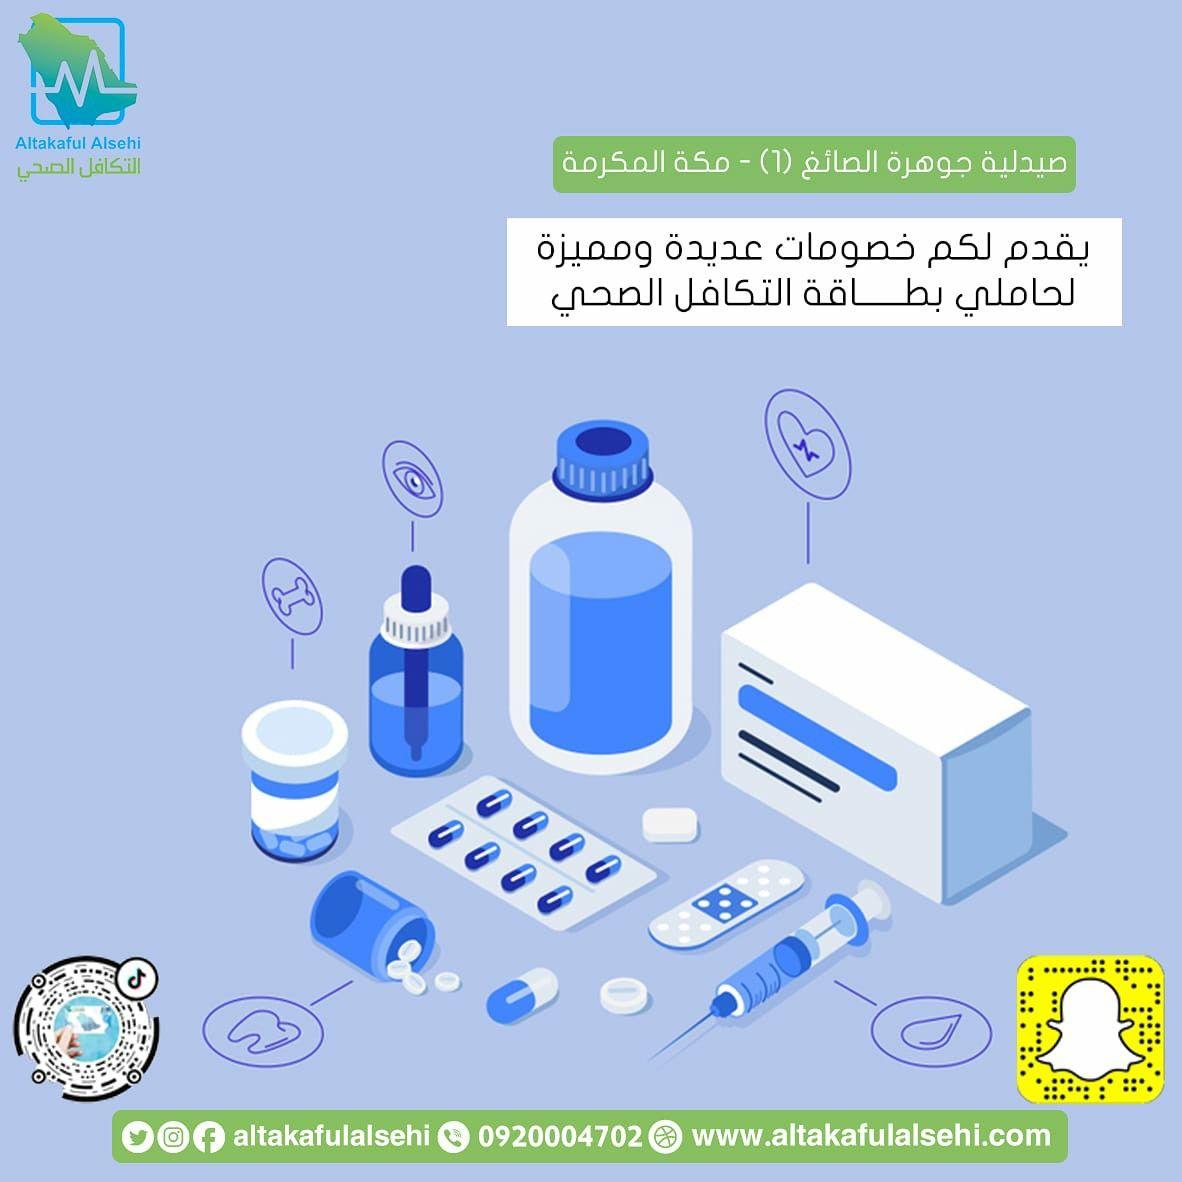 صيدلية جوهرة الصائغ 1 في مكة المكرمة تقدم لكم الخصومات الآتية على بطاقة التكافل الصحي أدوية الصيدلية 10 مستحضرات التجميل Health Insurance Health Insurance